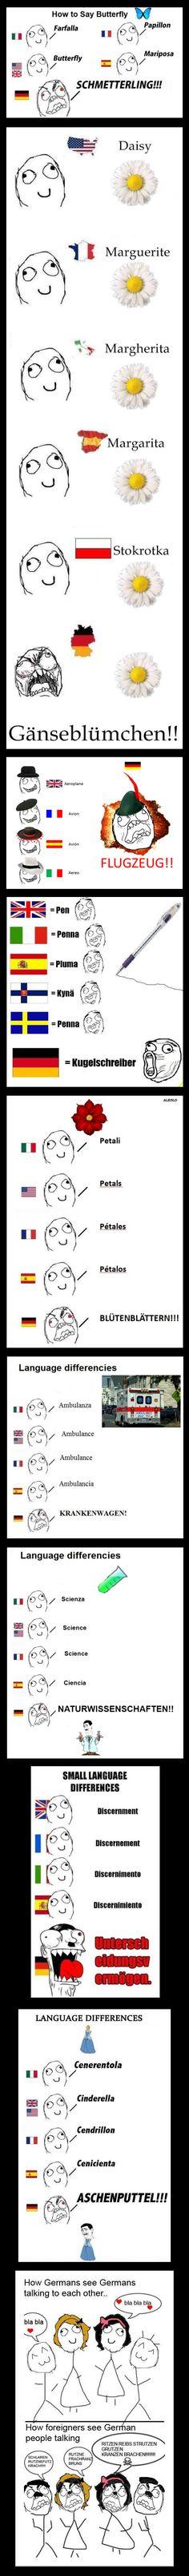 Piccole differenze nei linguaggi